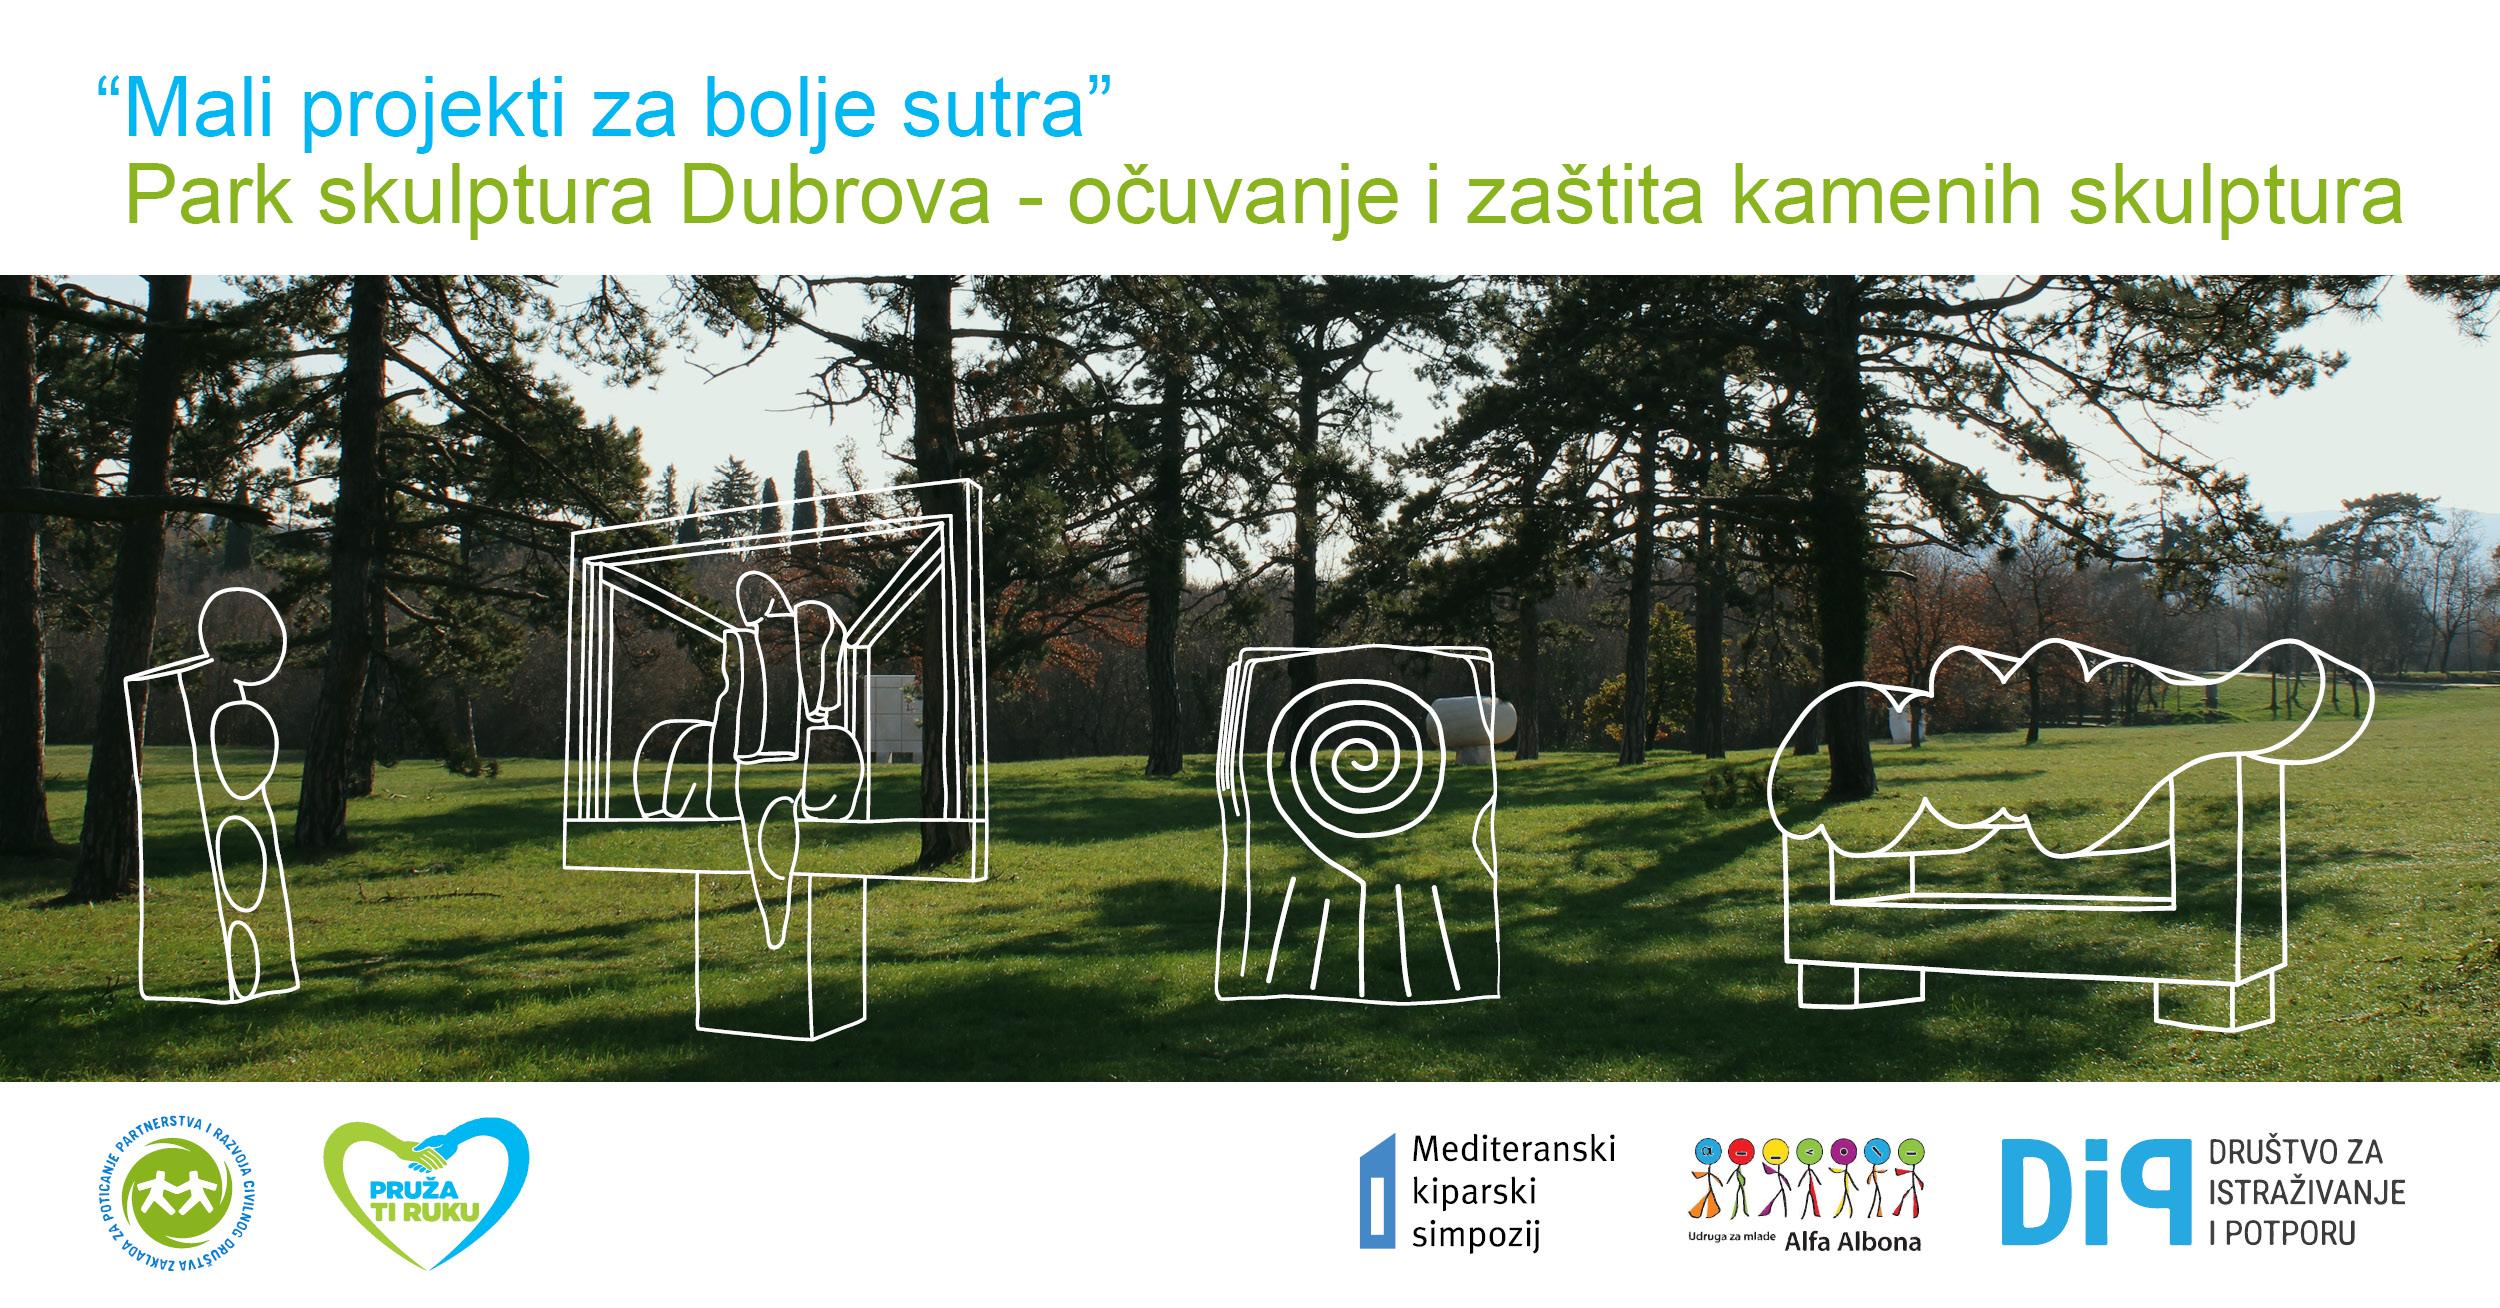 Park skulptura Dubrova - očuvanje i zaštita kamenih skulptura